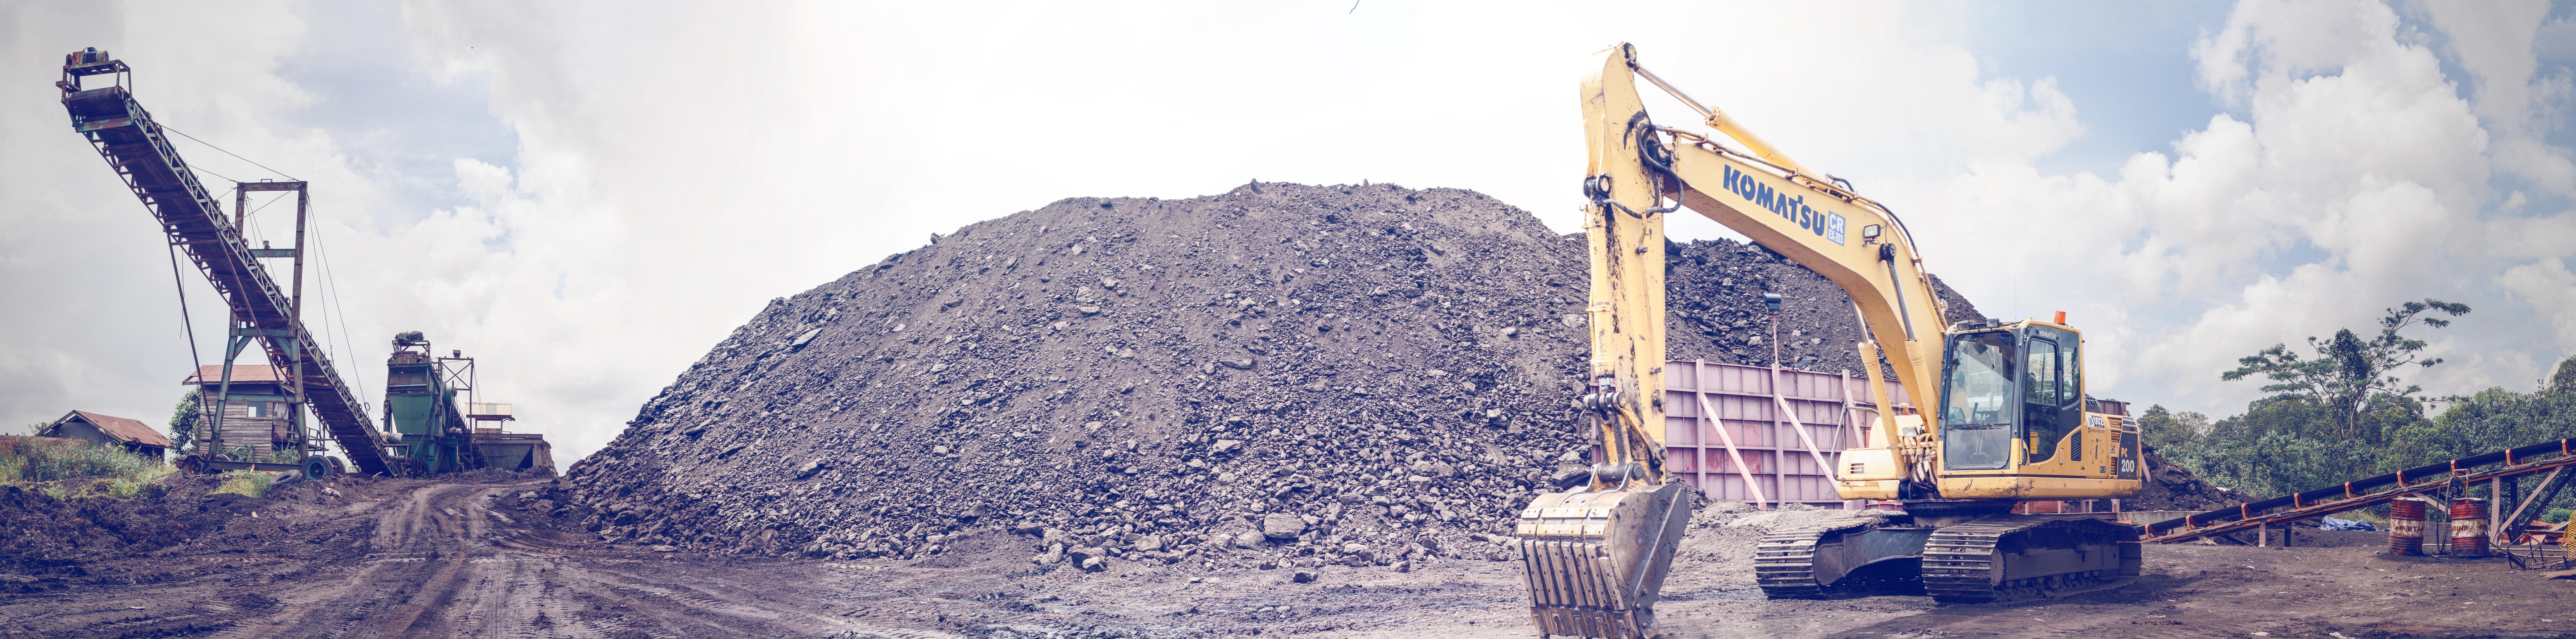 Velg smykker fra etisk gruvedrift!